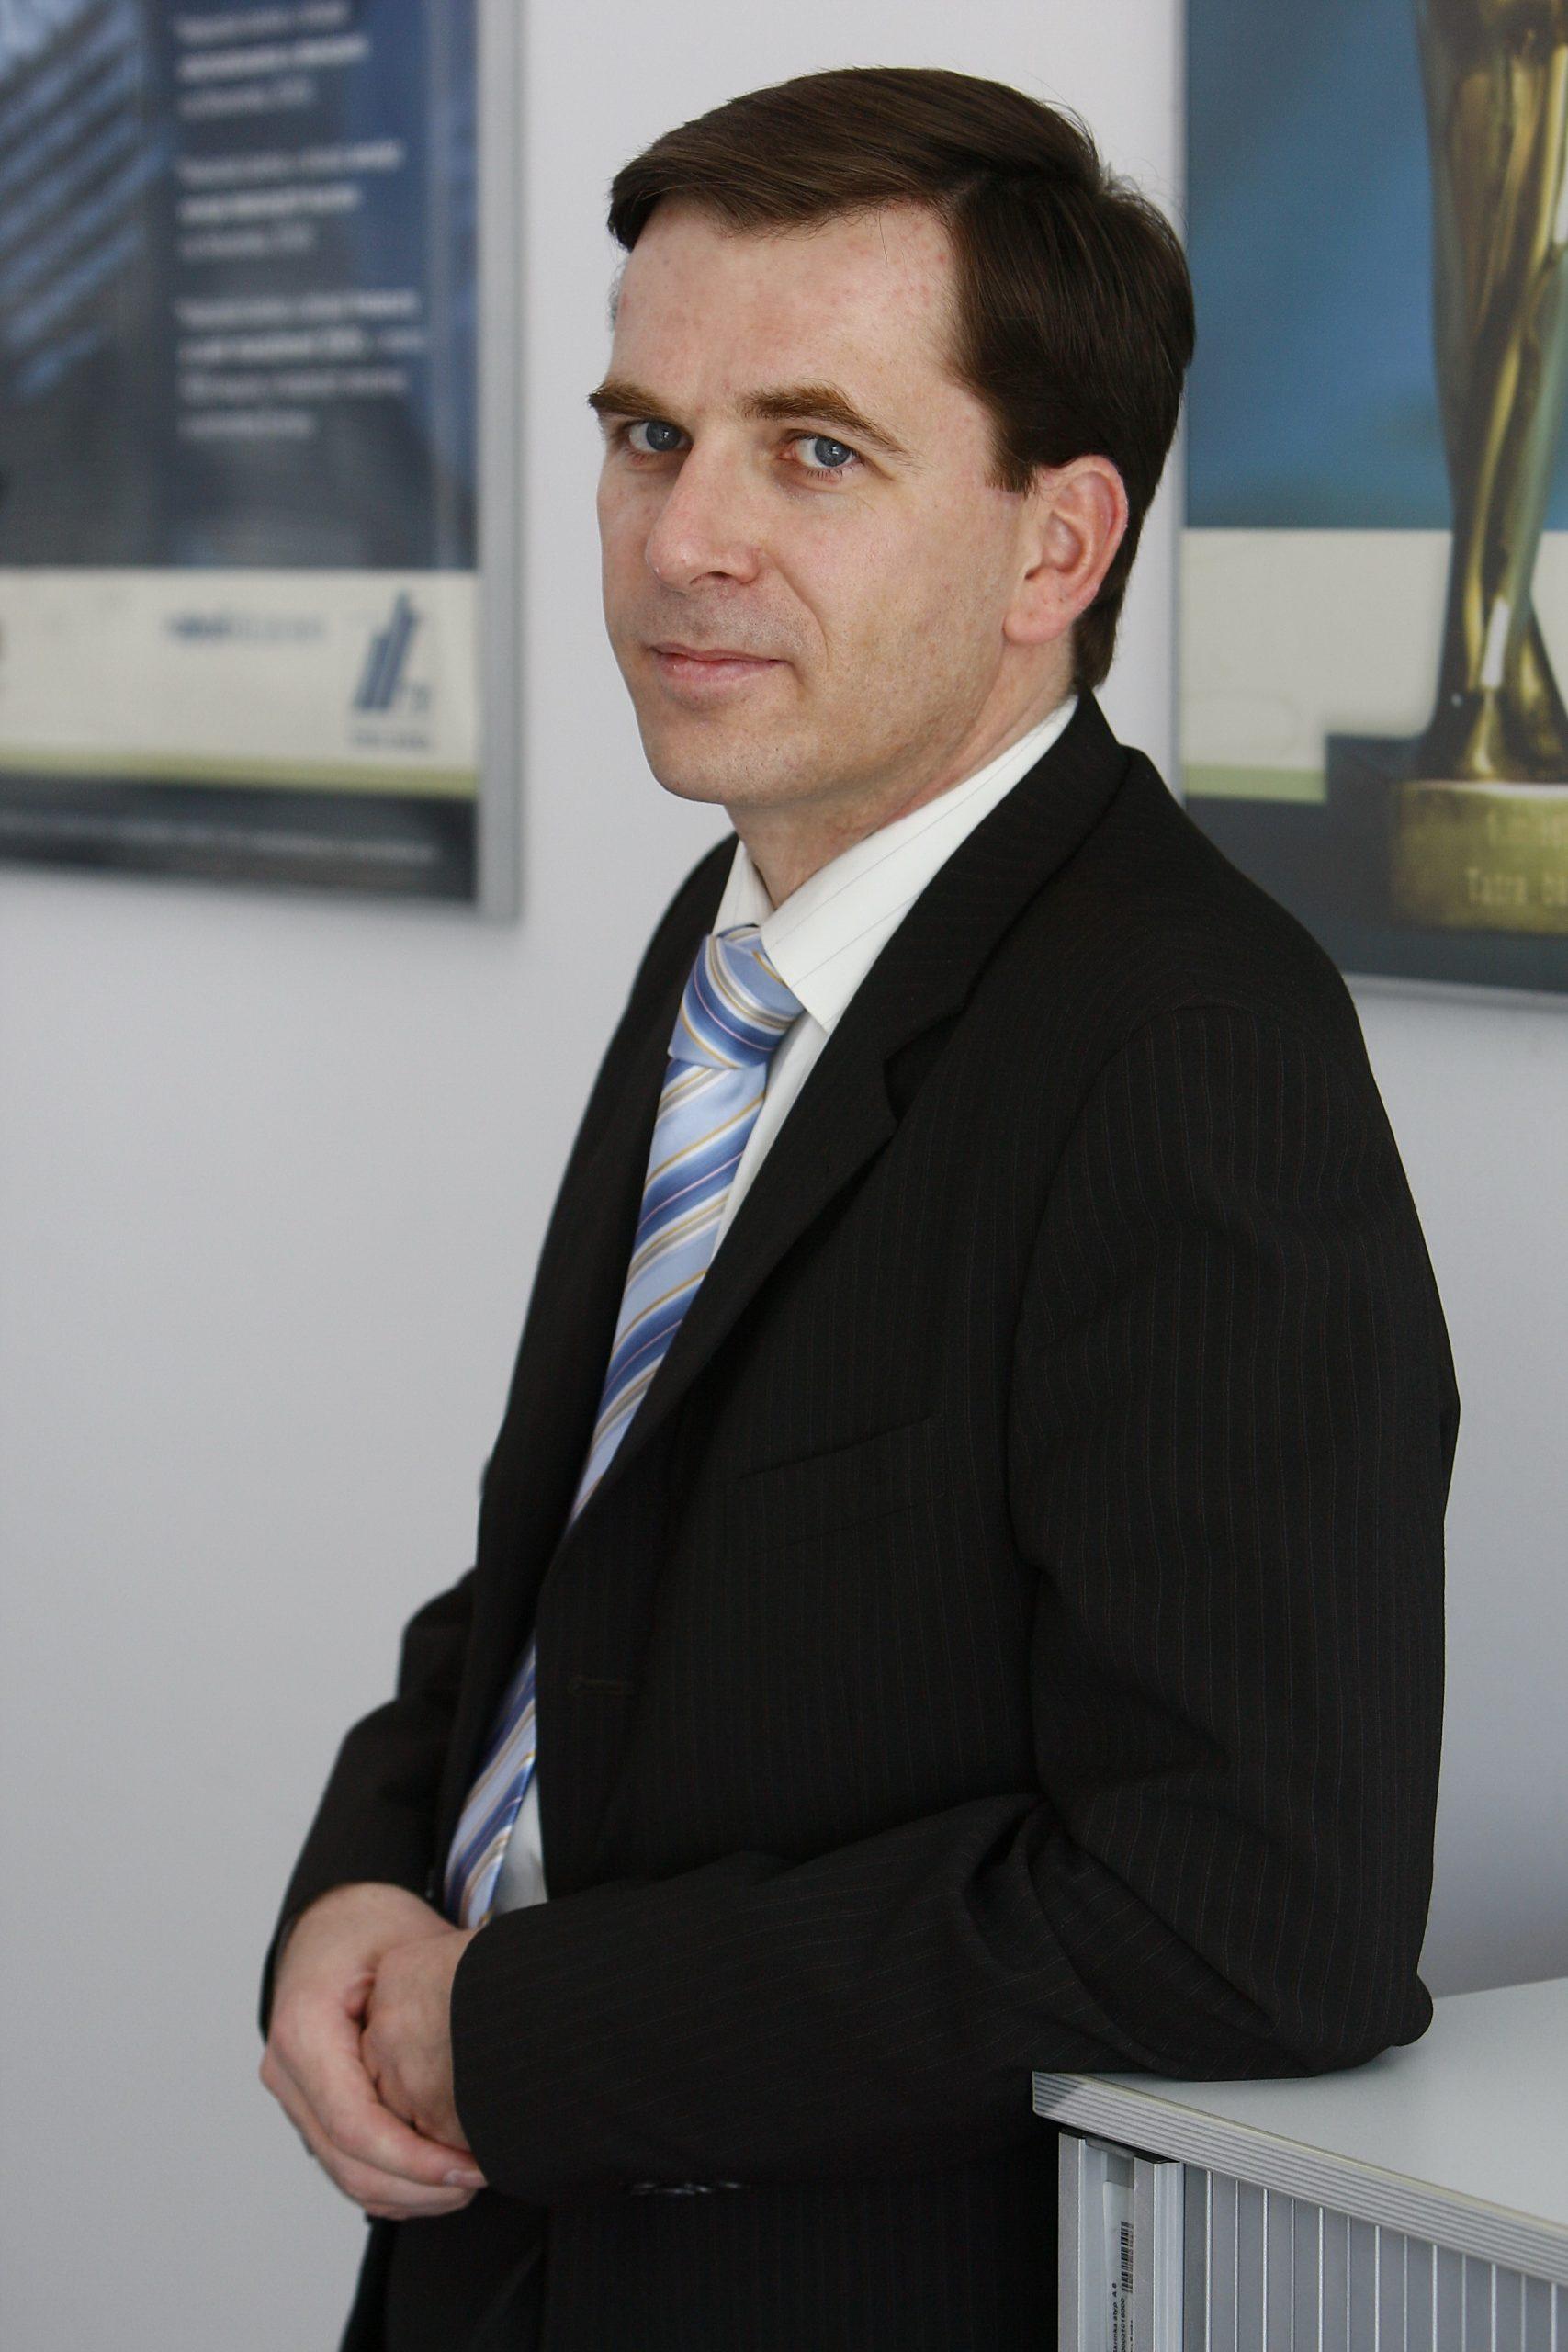 Miroslav Hladký